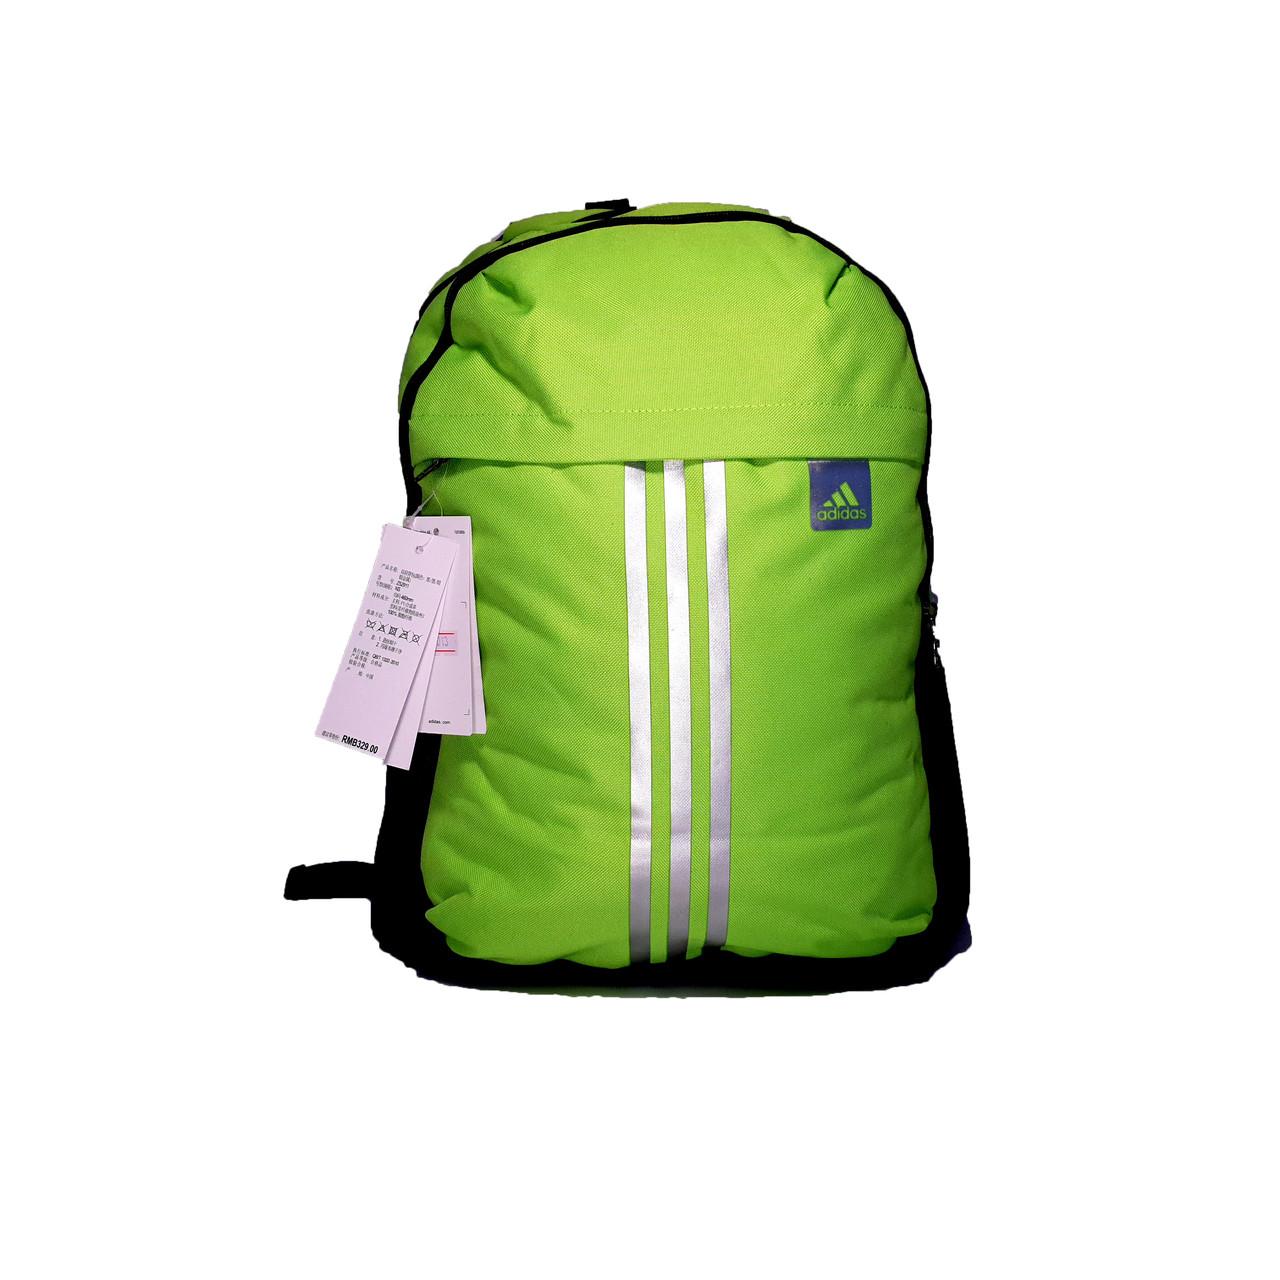 Спортивный рюкзак Adidas, РАСПРОДАЖА